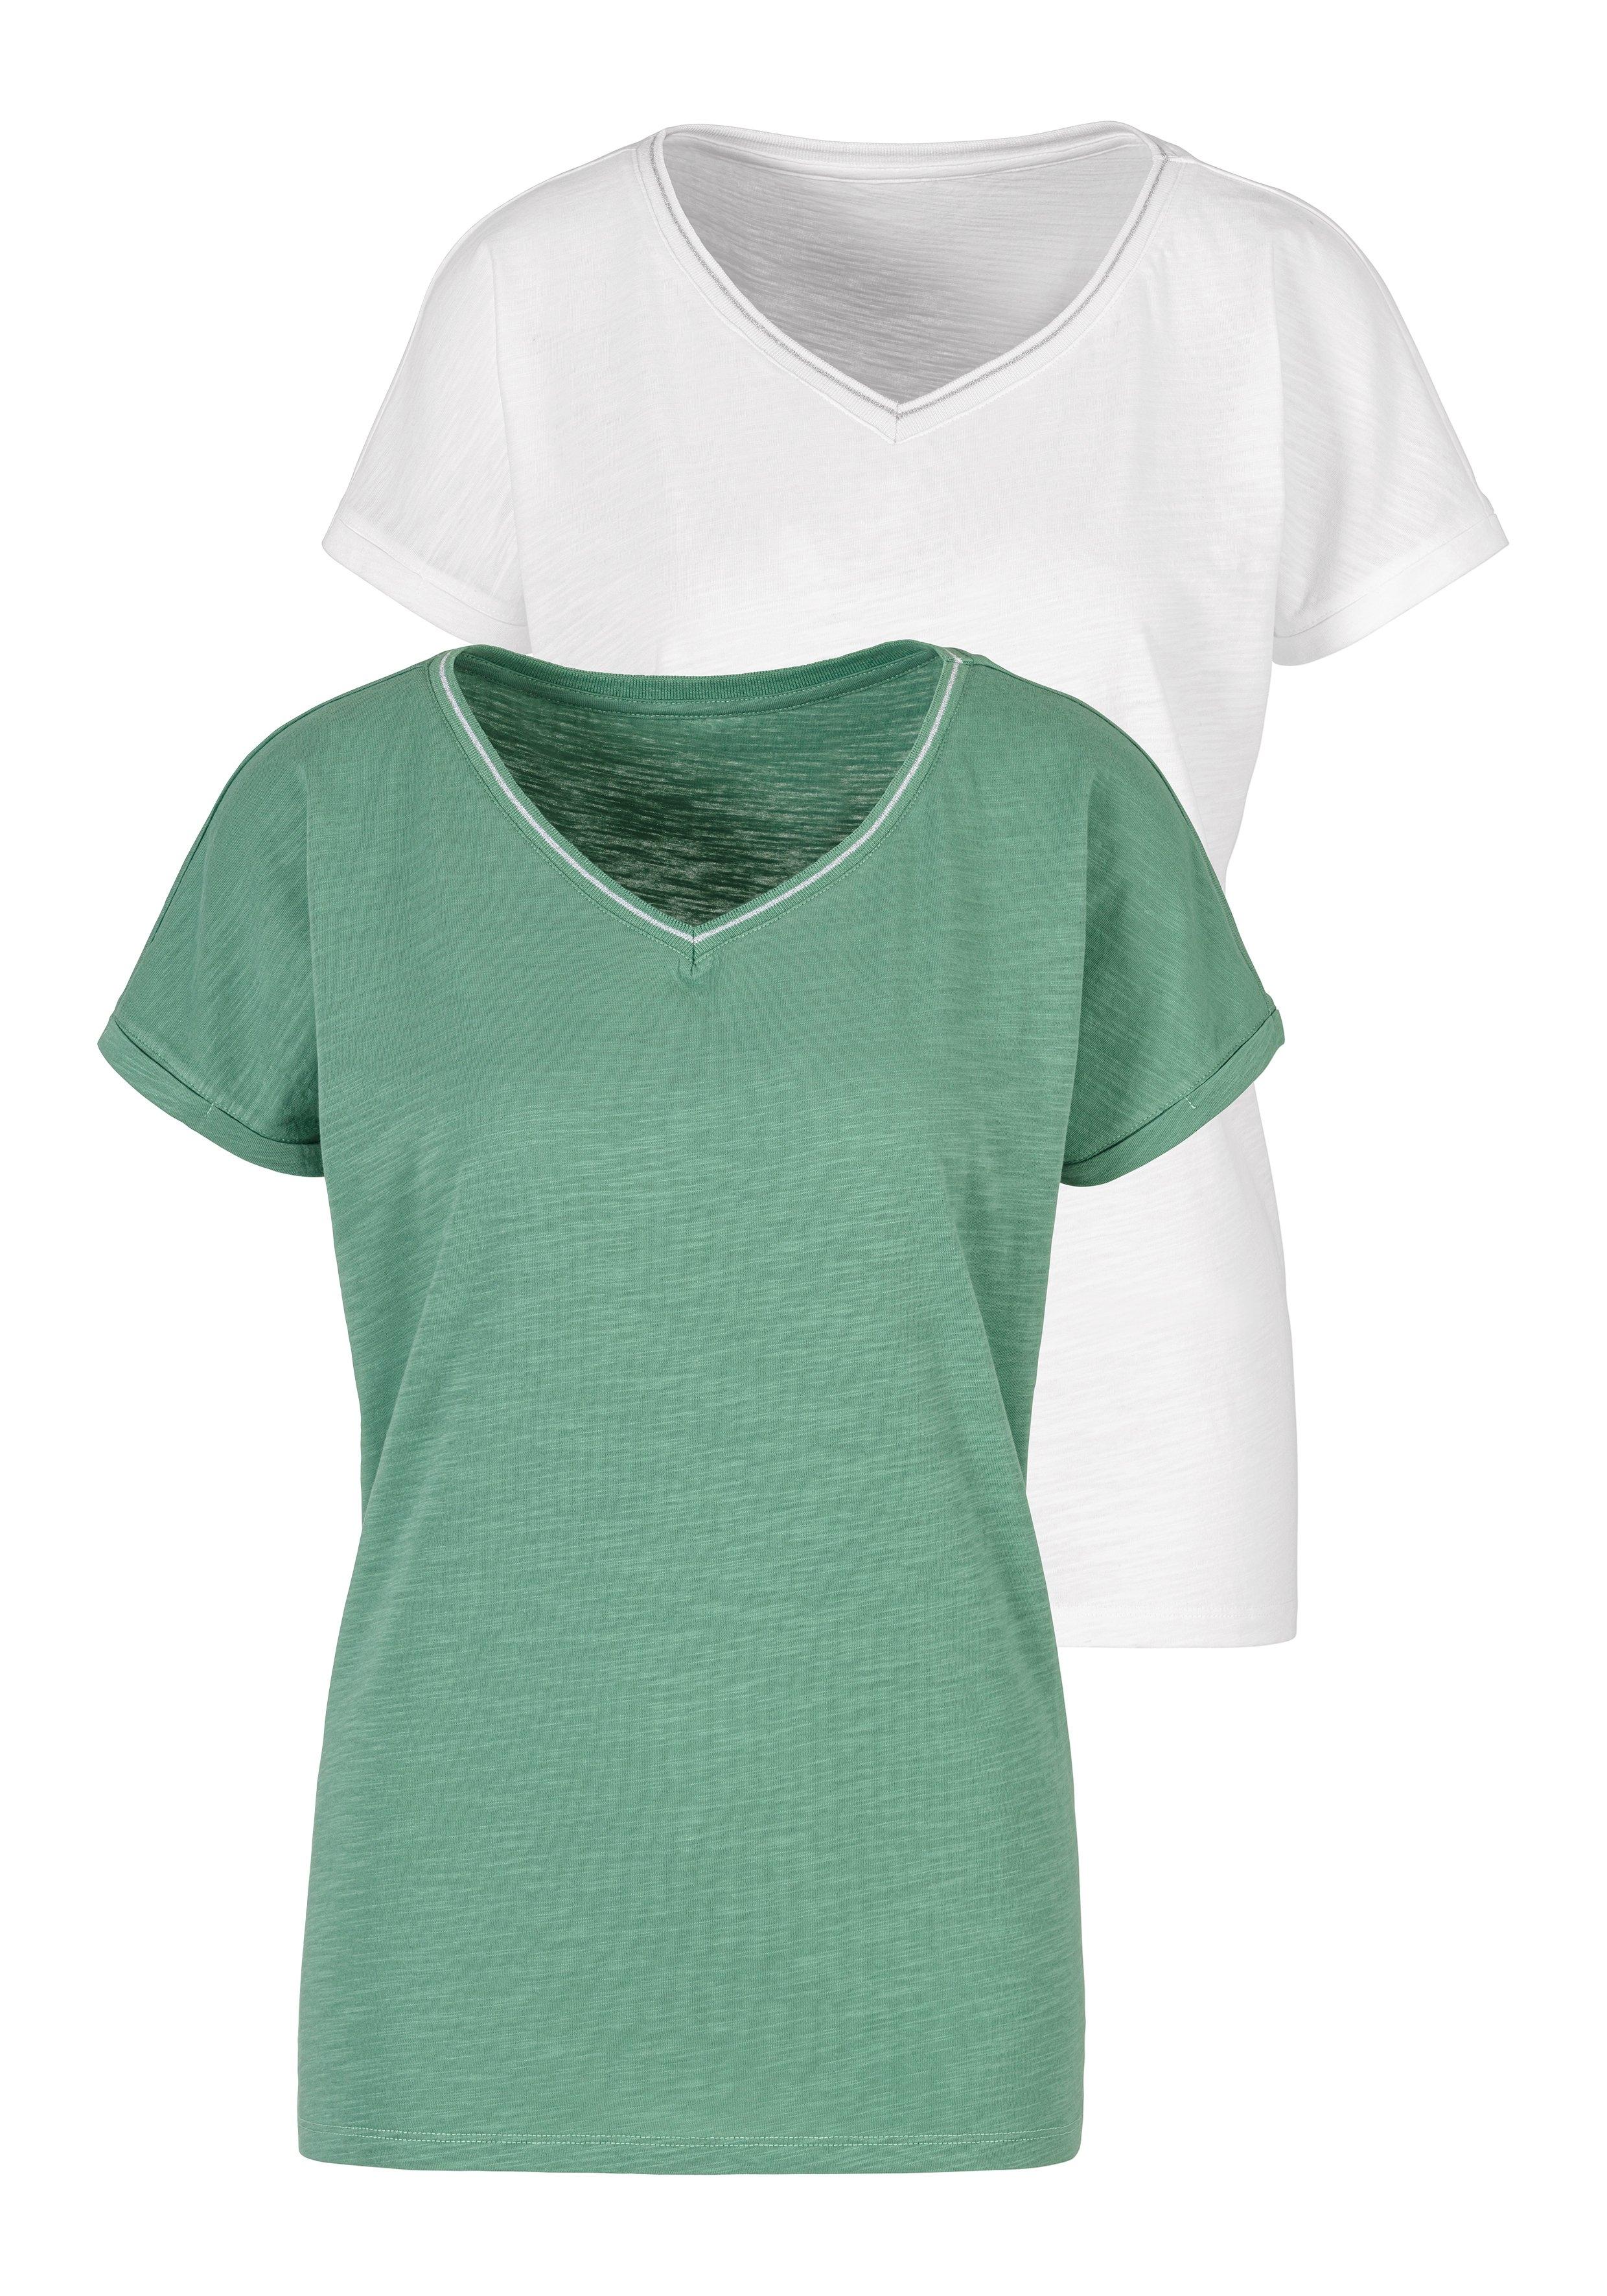 H.I.S T-shirt met modieuze lurex-strepen (Set van 2) nu online kopen bij Lascana